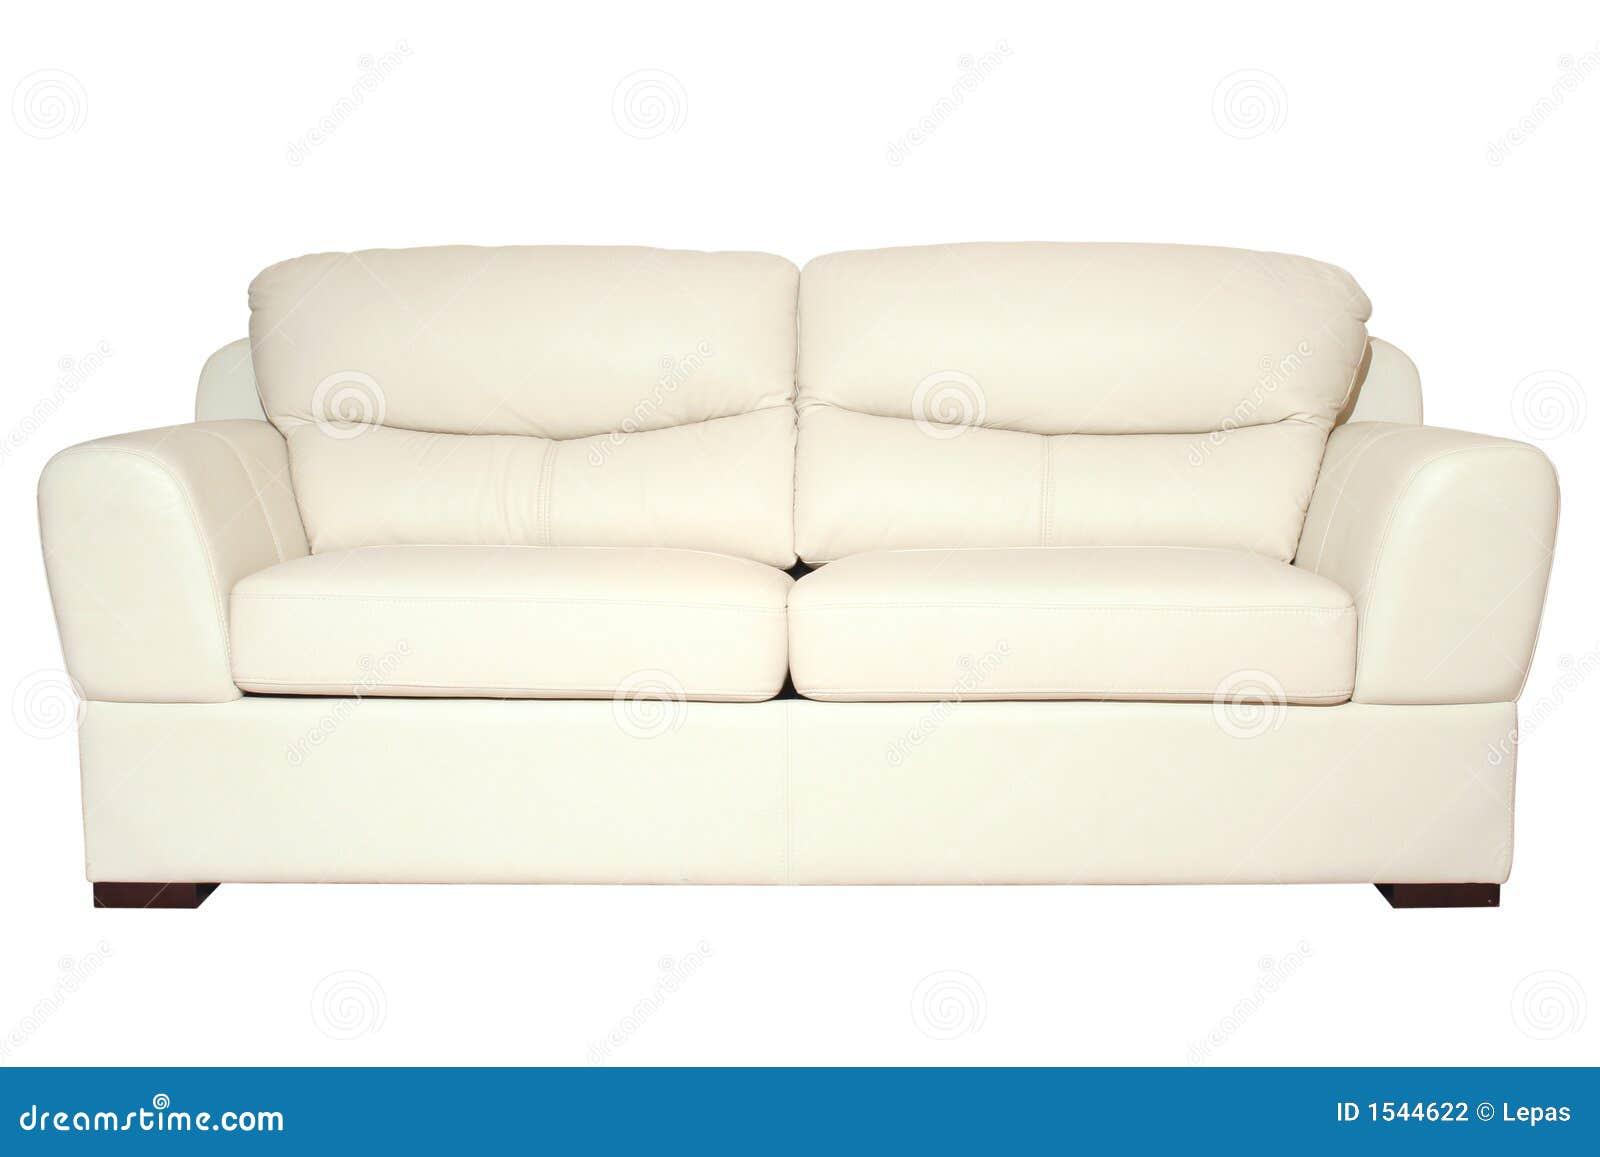 Couch Sofa Settee Images Dark Gray Velvet